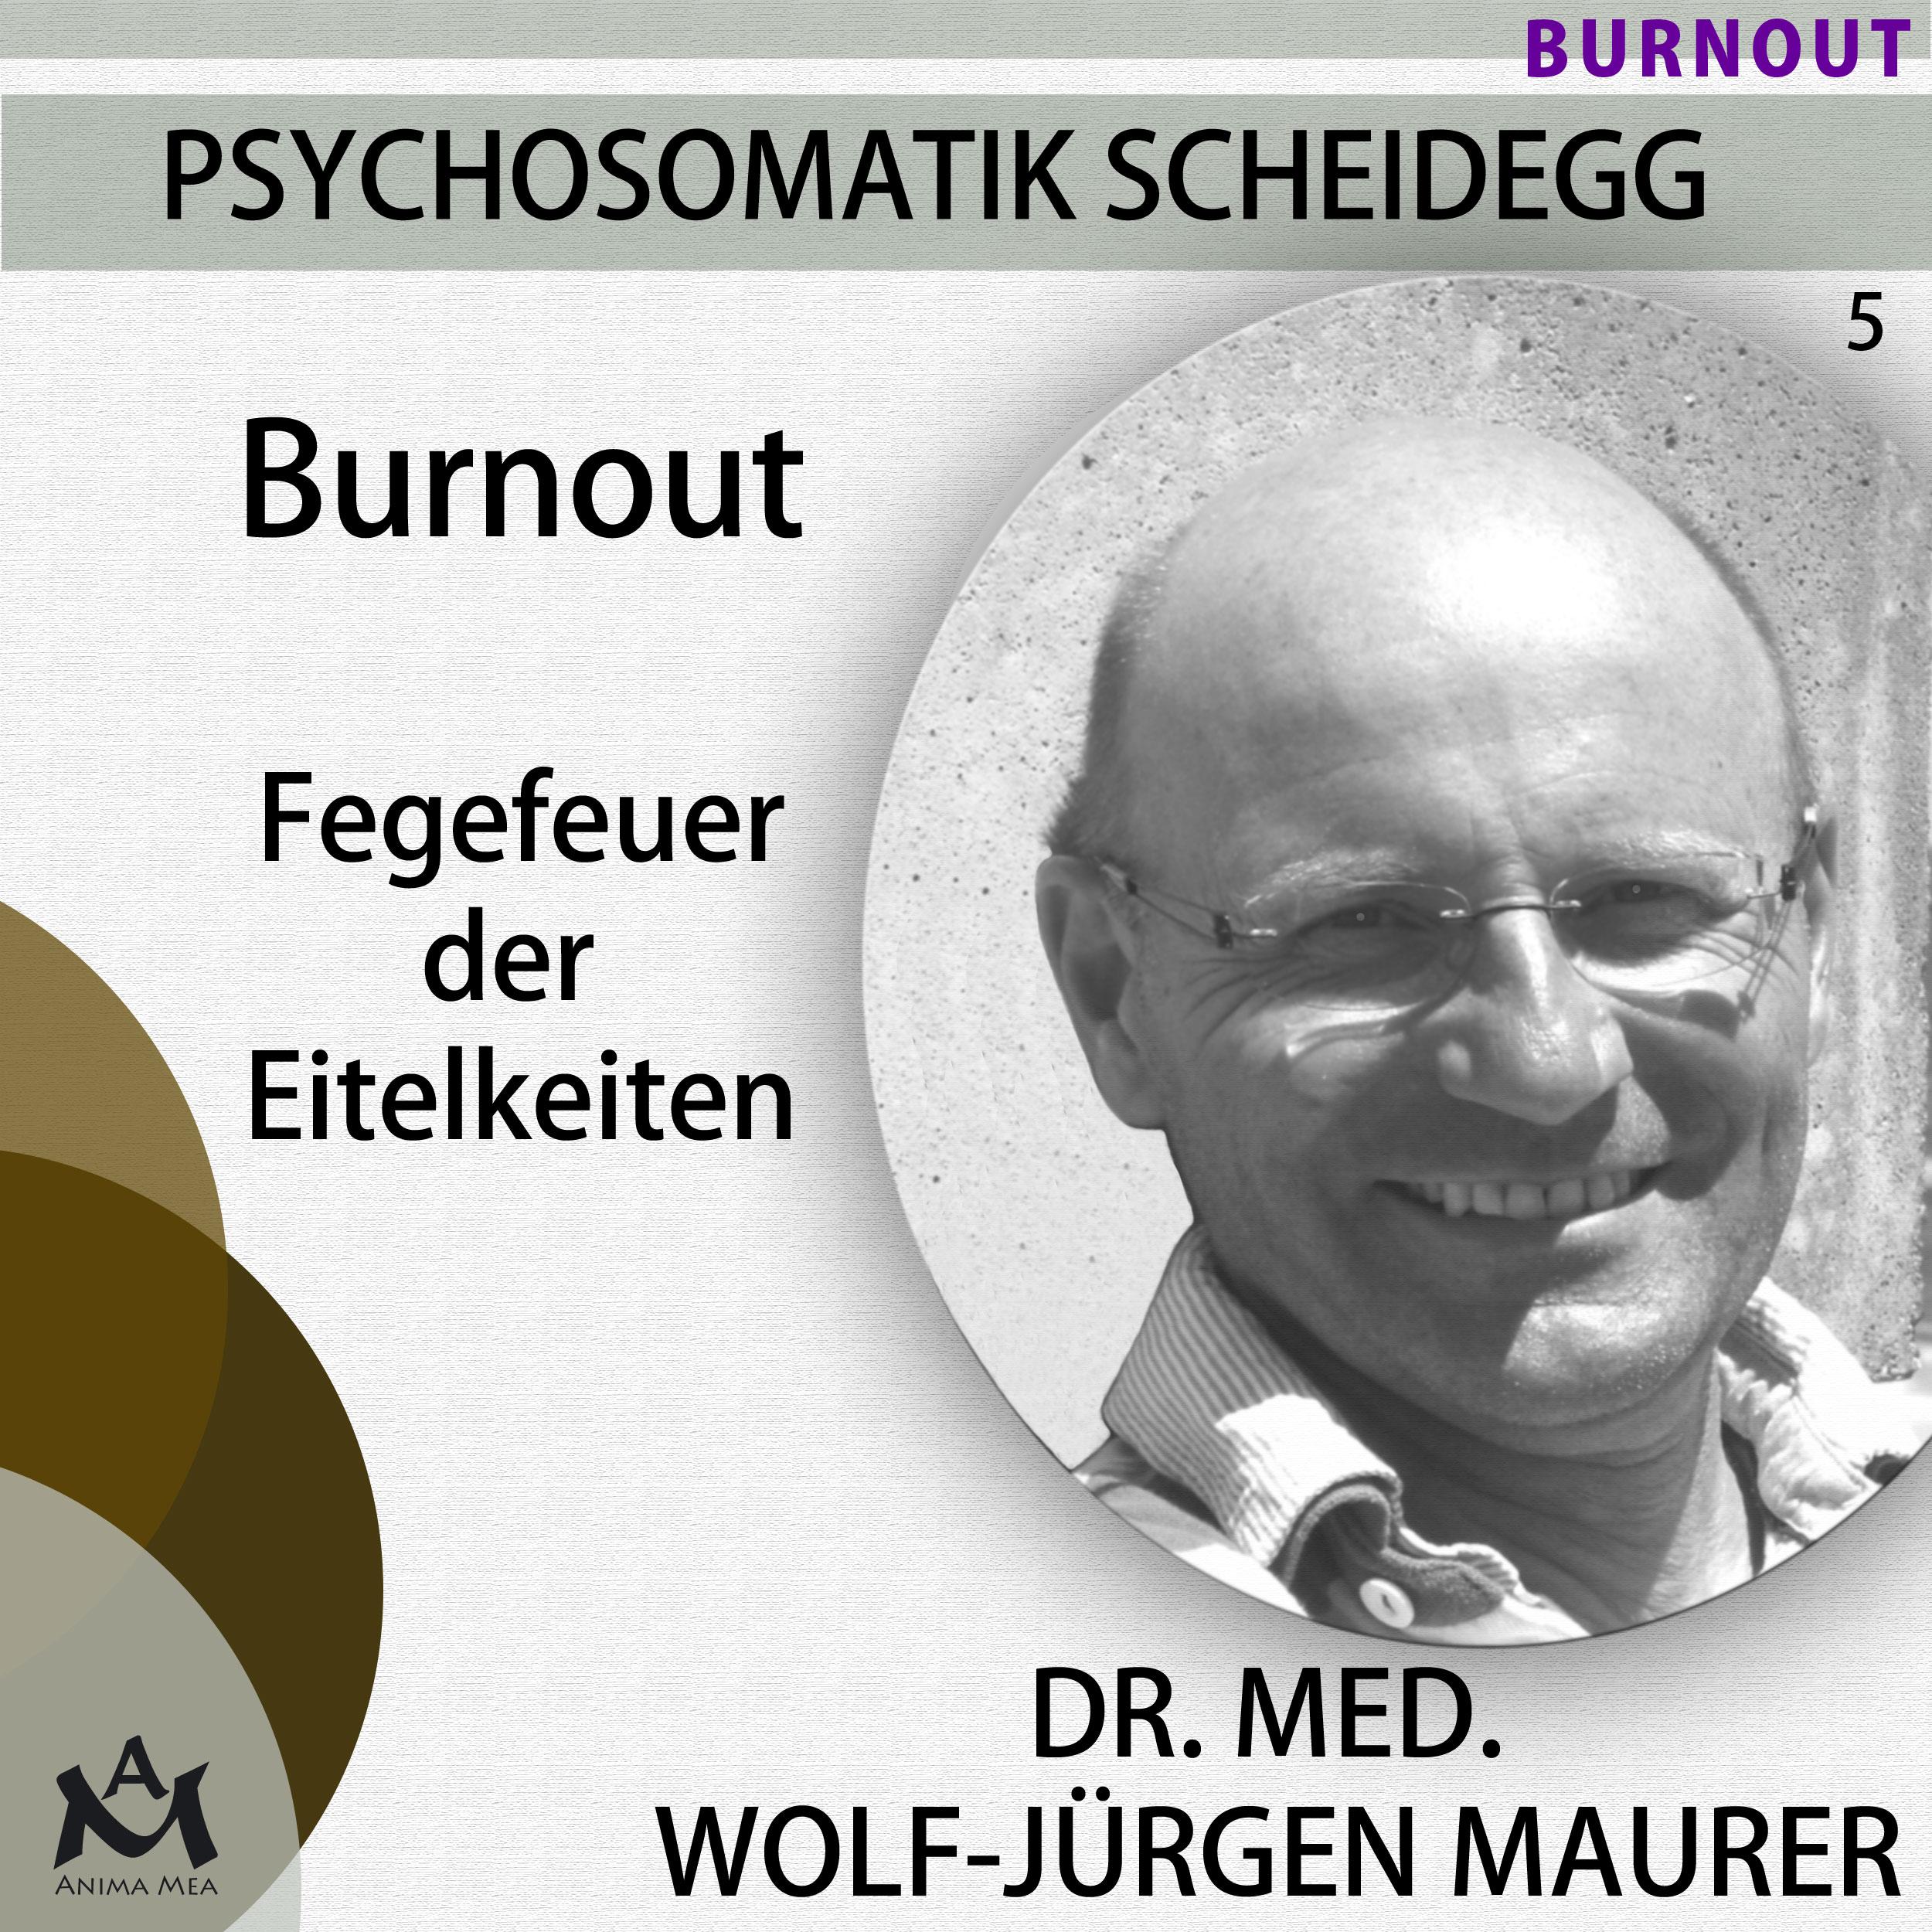 05-Burnout